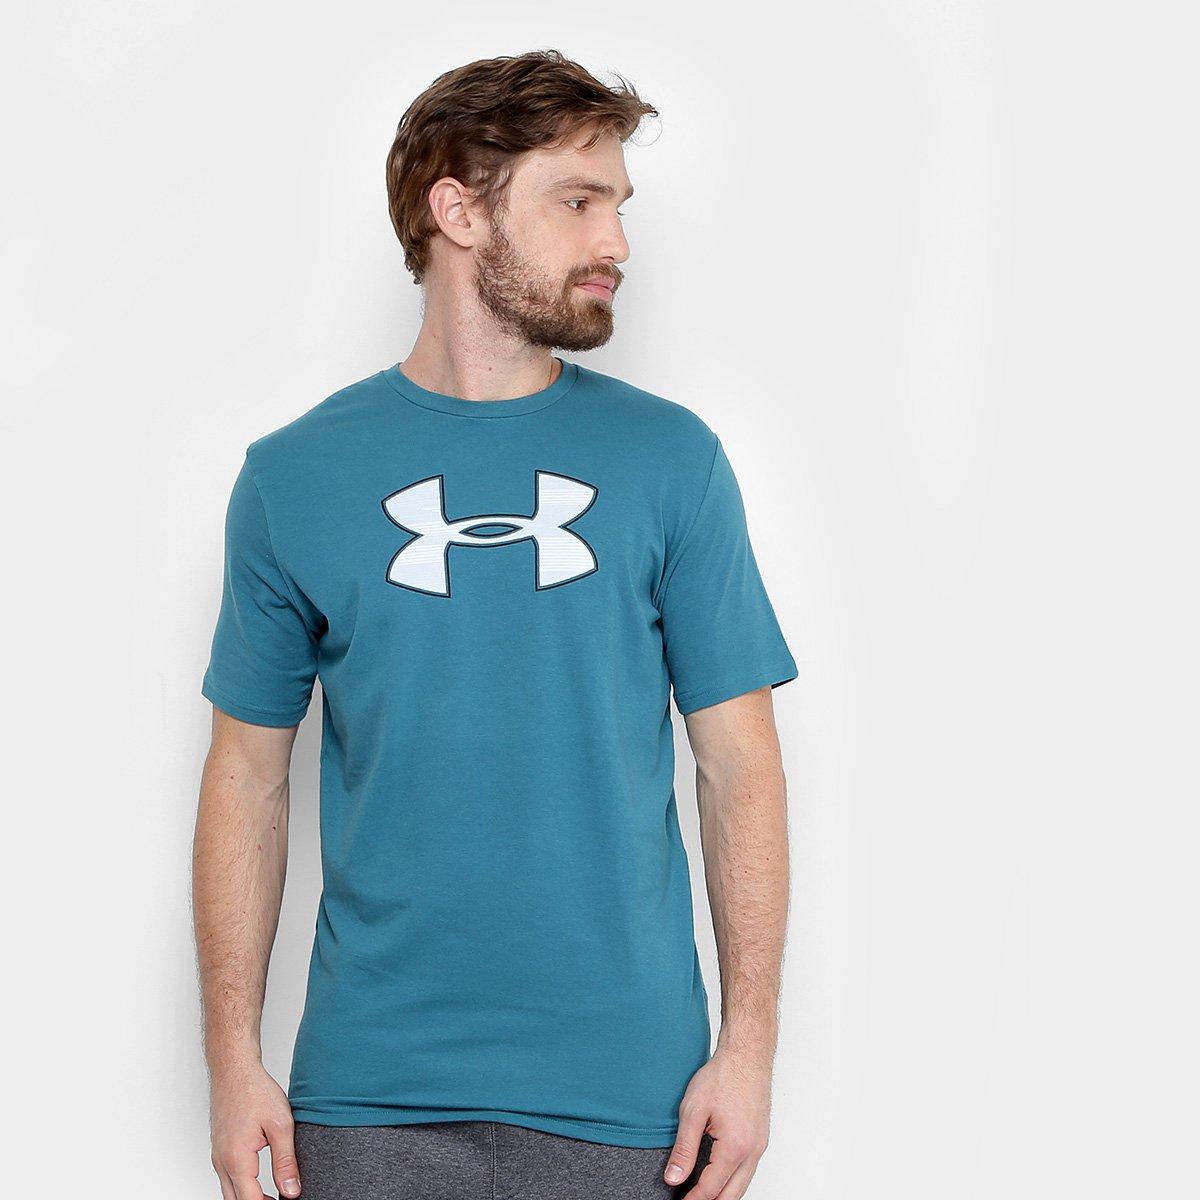 e0f0b08bda0 Camiseta Under Armour Big Logo Masculina - Compre Agora